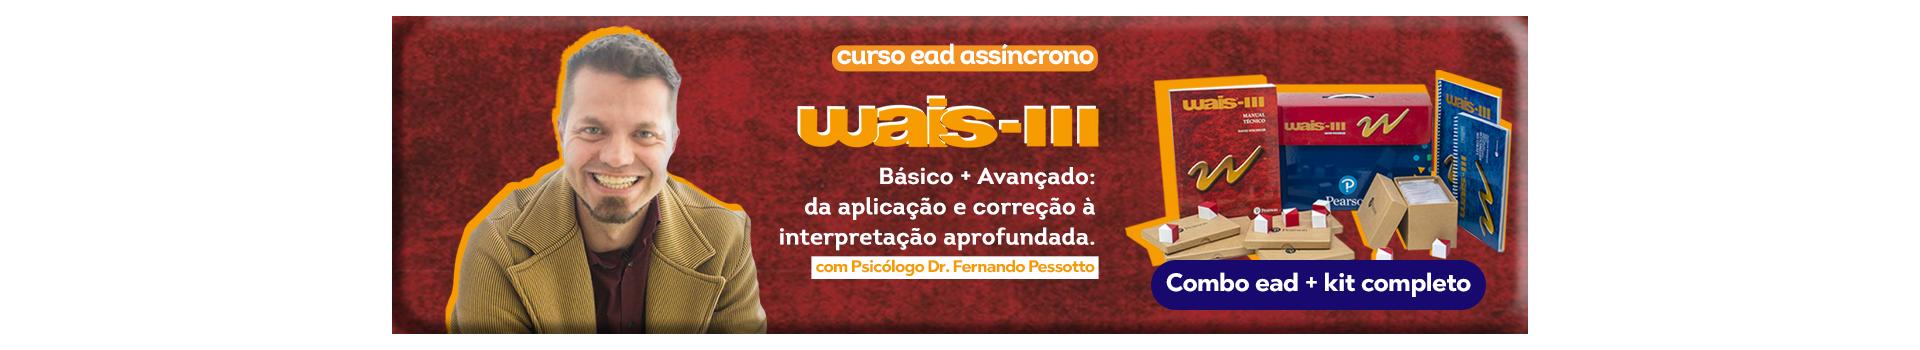 WAIS-III COMBO